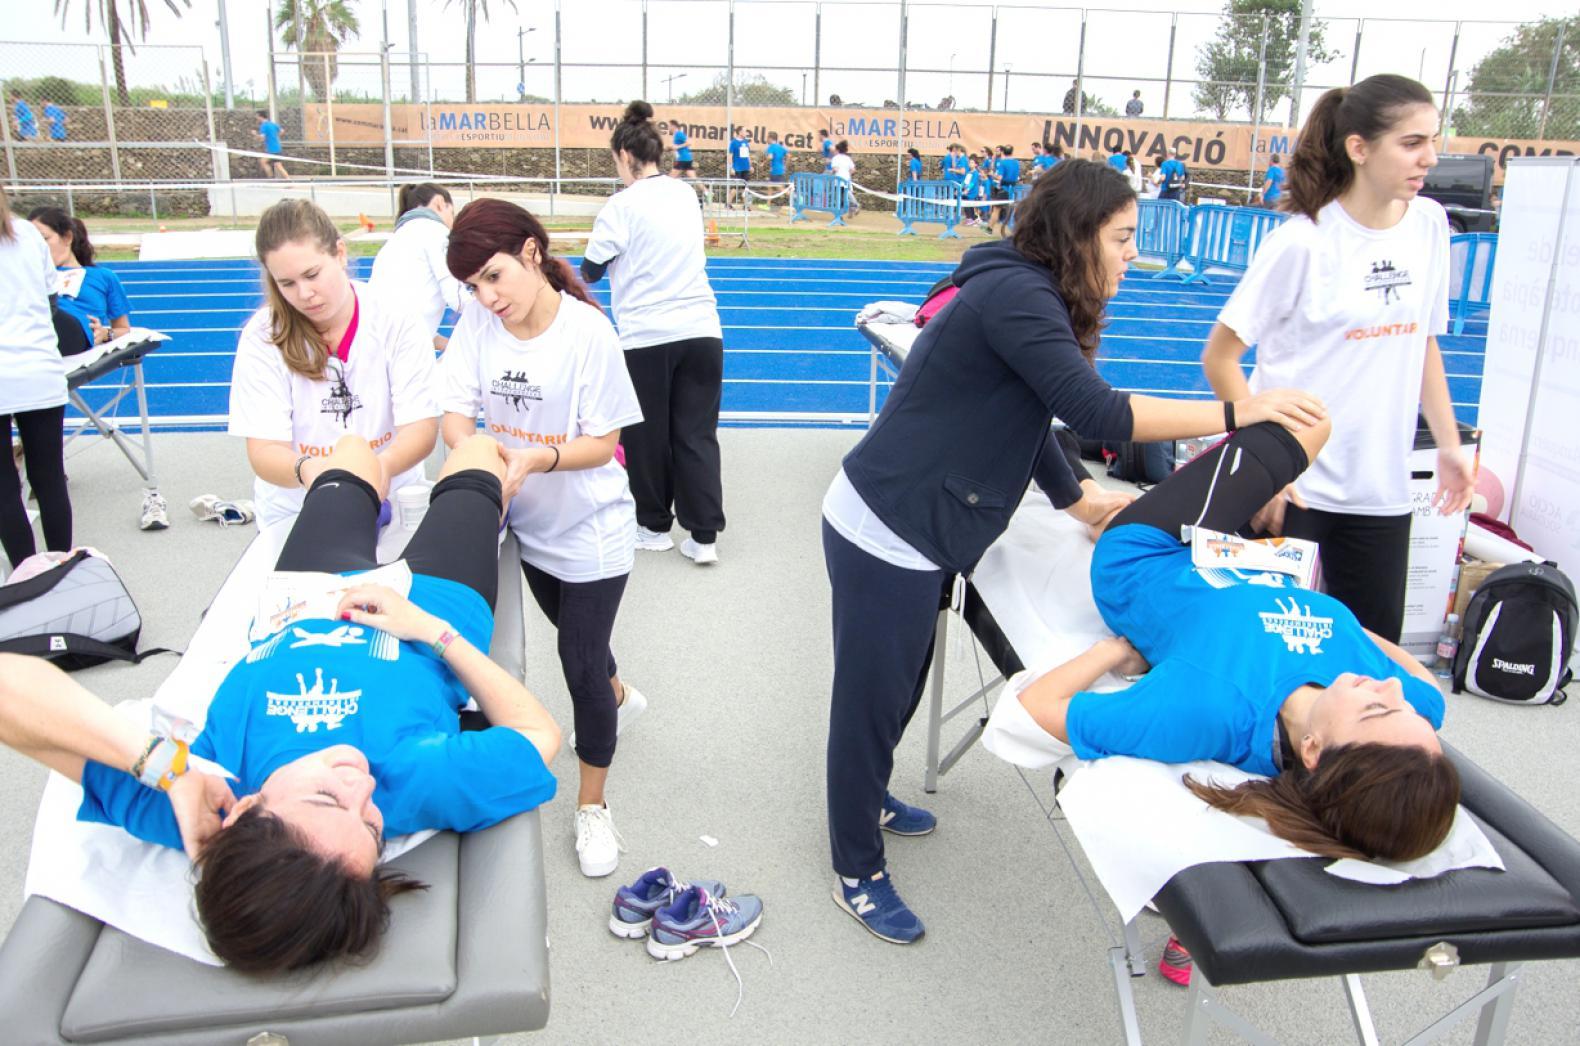 Merecidos masajes después del esfuerzo